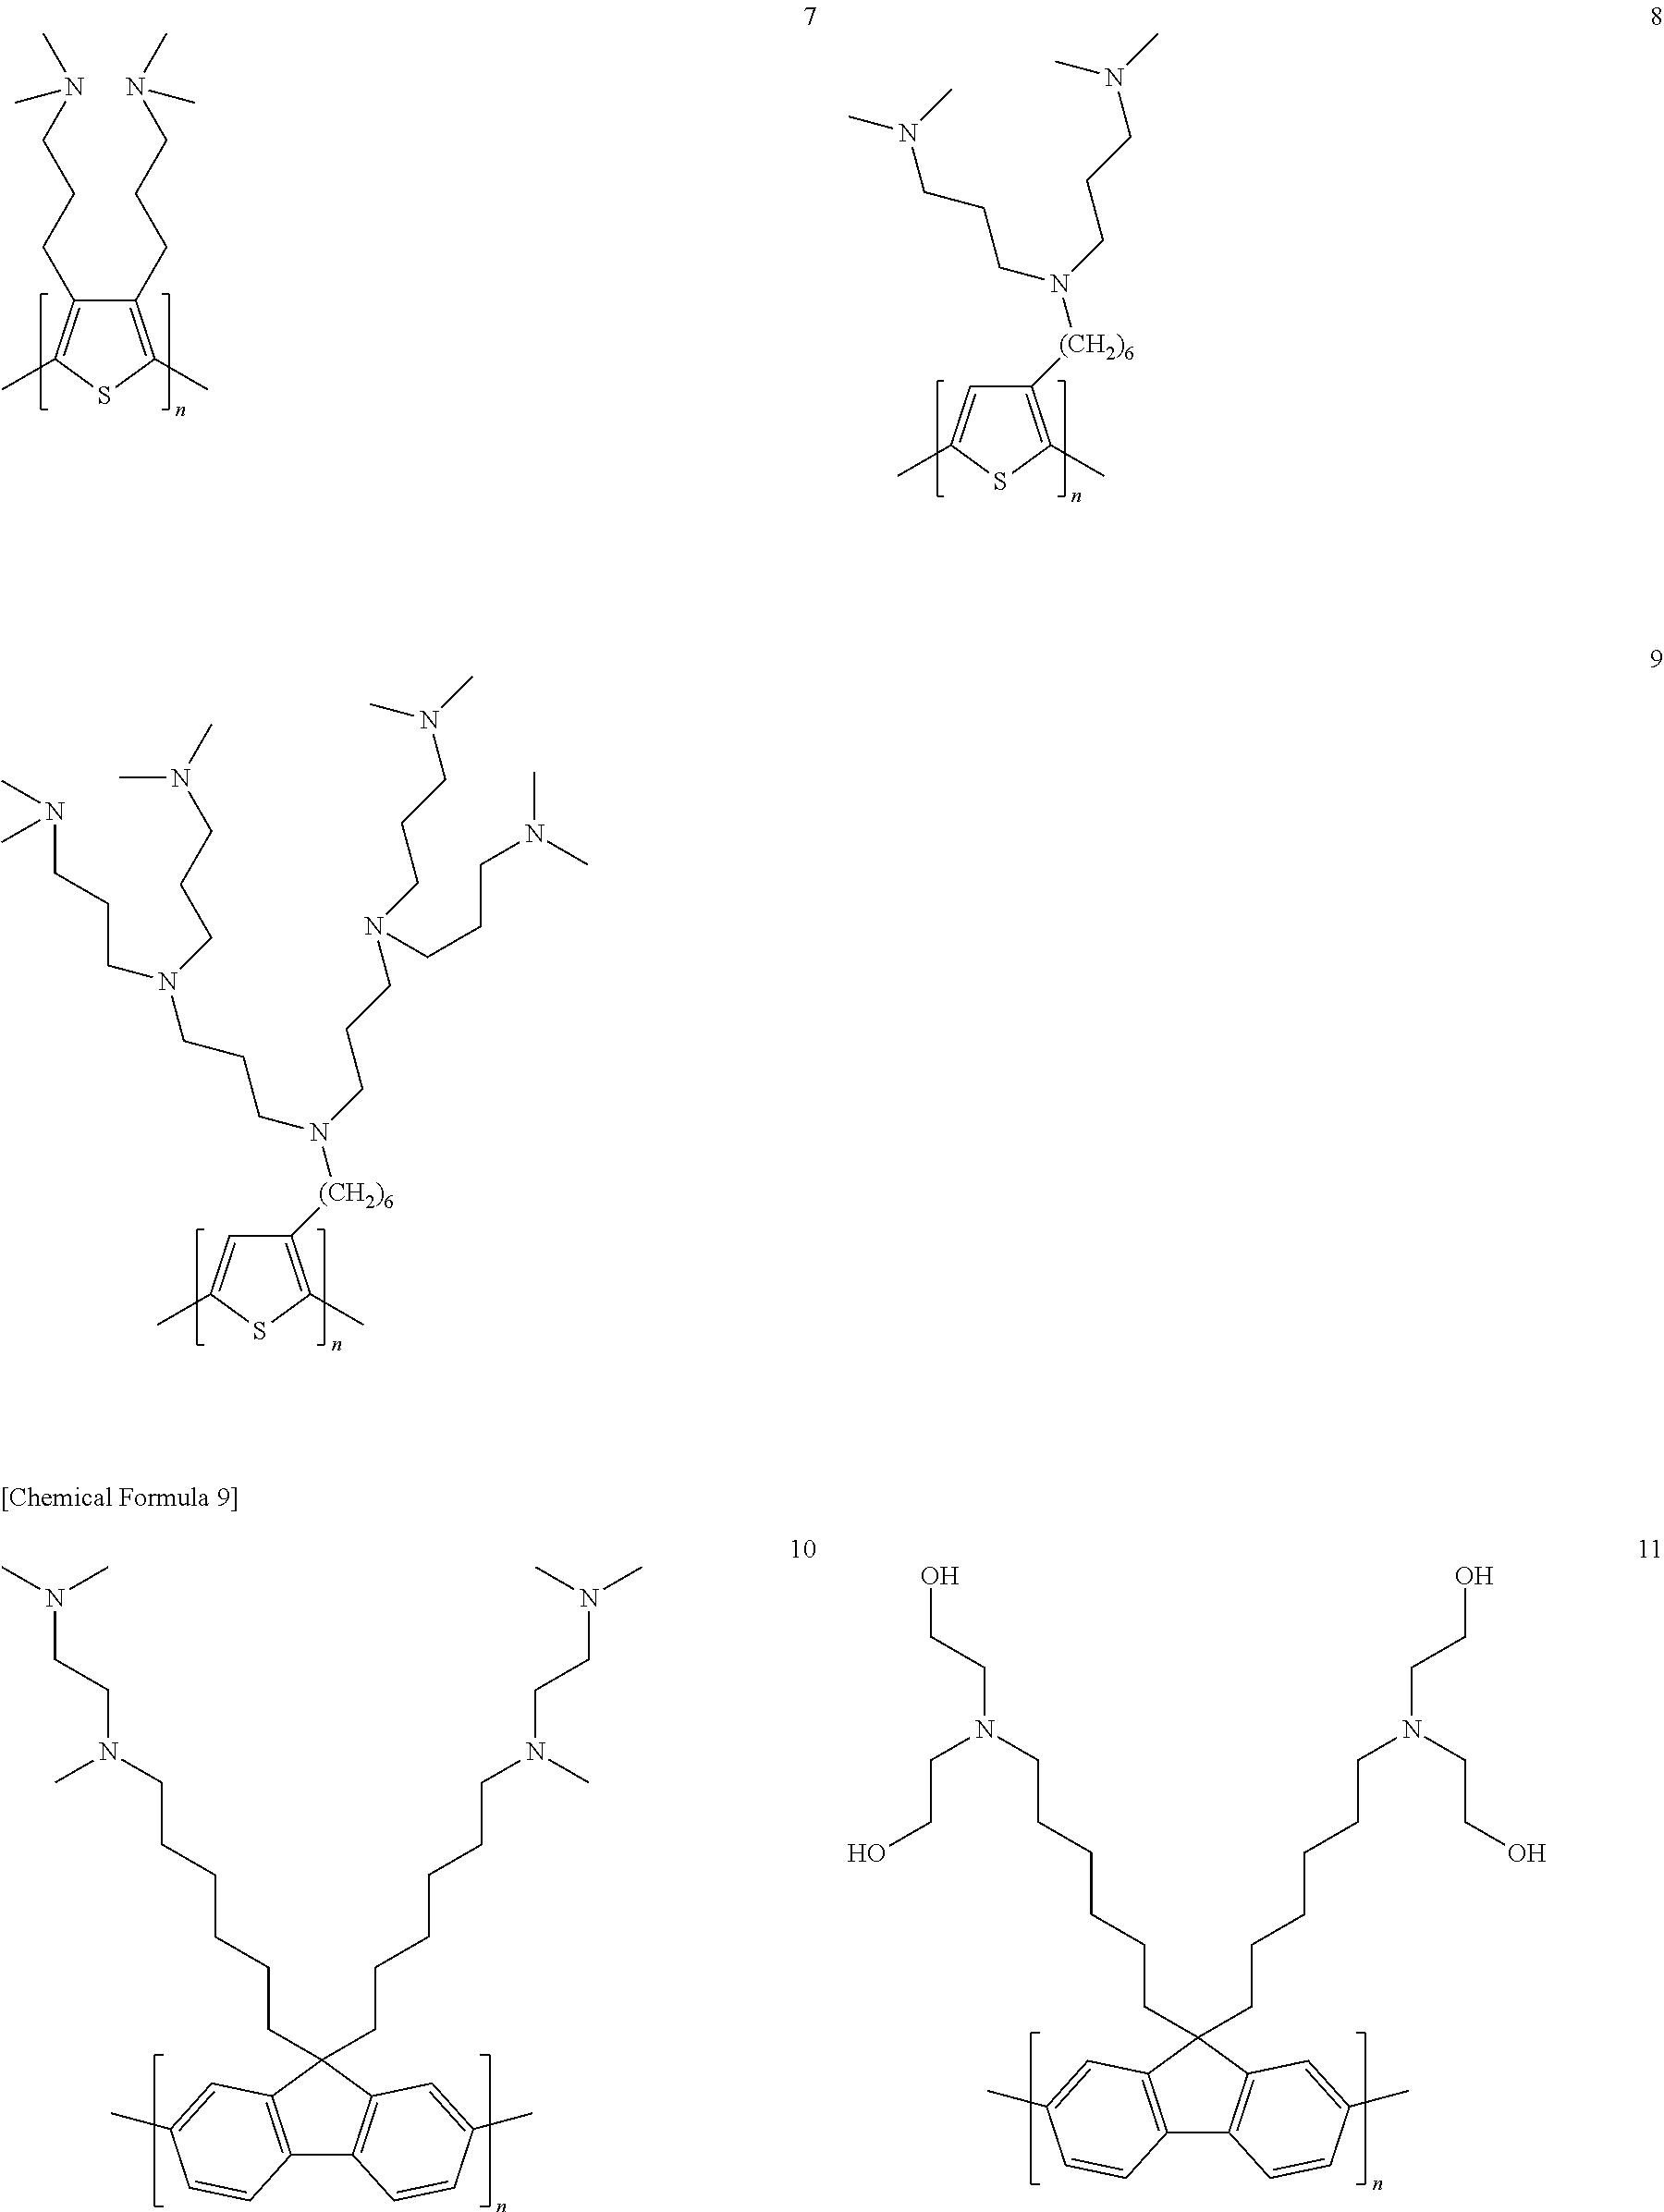 Figure US09935269-20180403-C00009